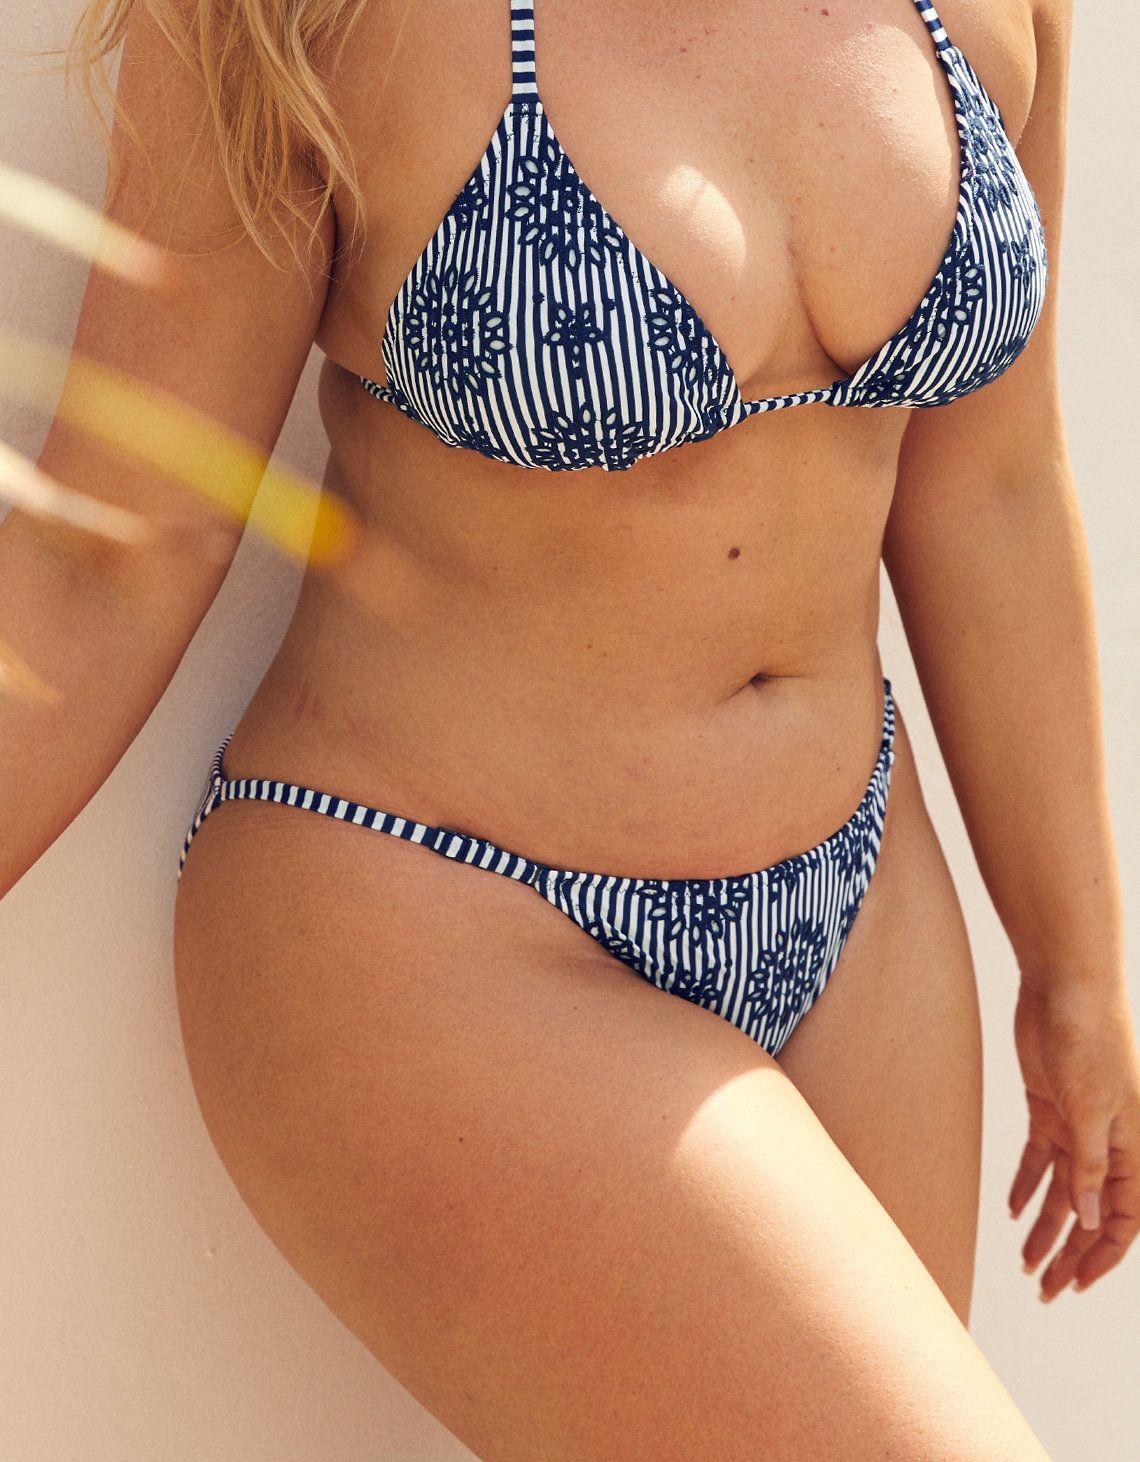 Aerieaerie high cut cheeky bikini bottom women's blue